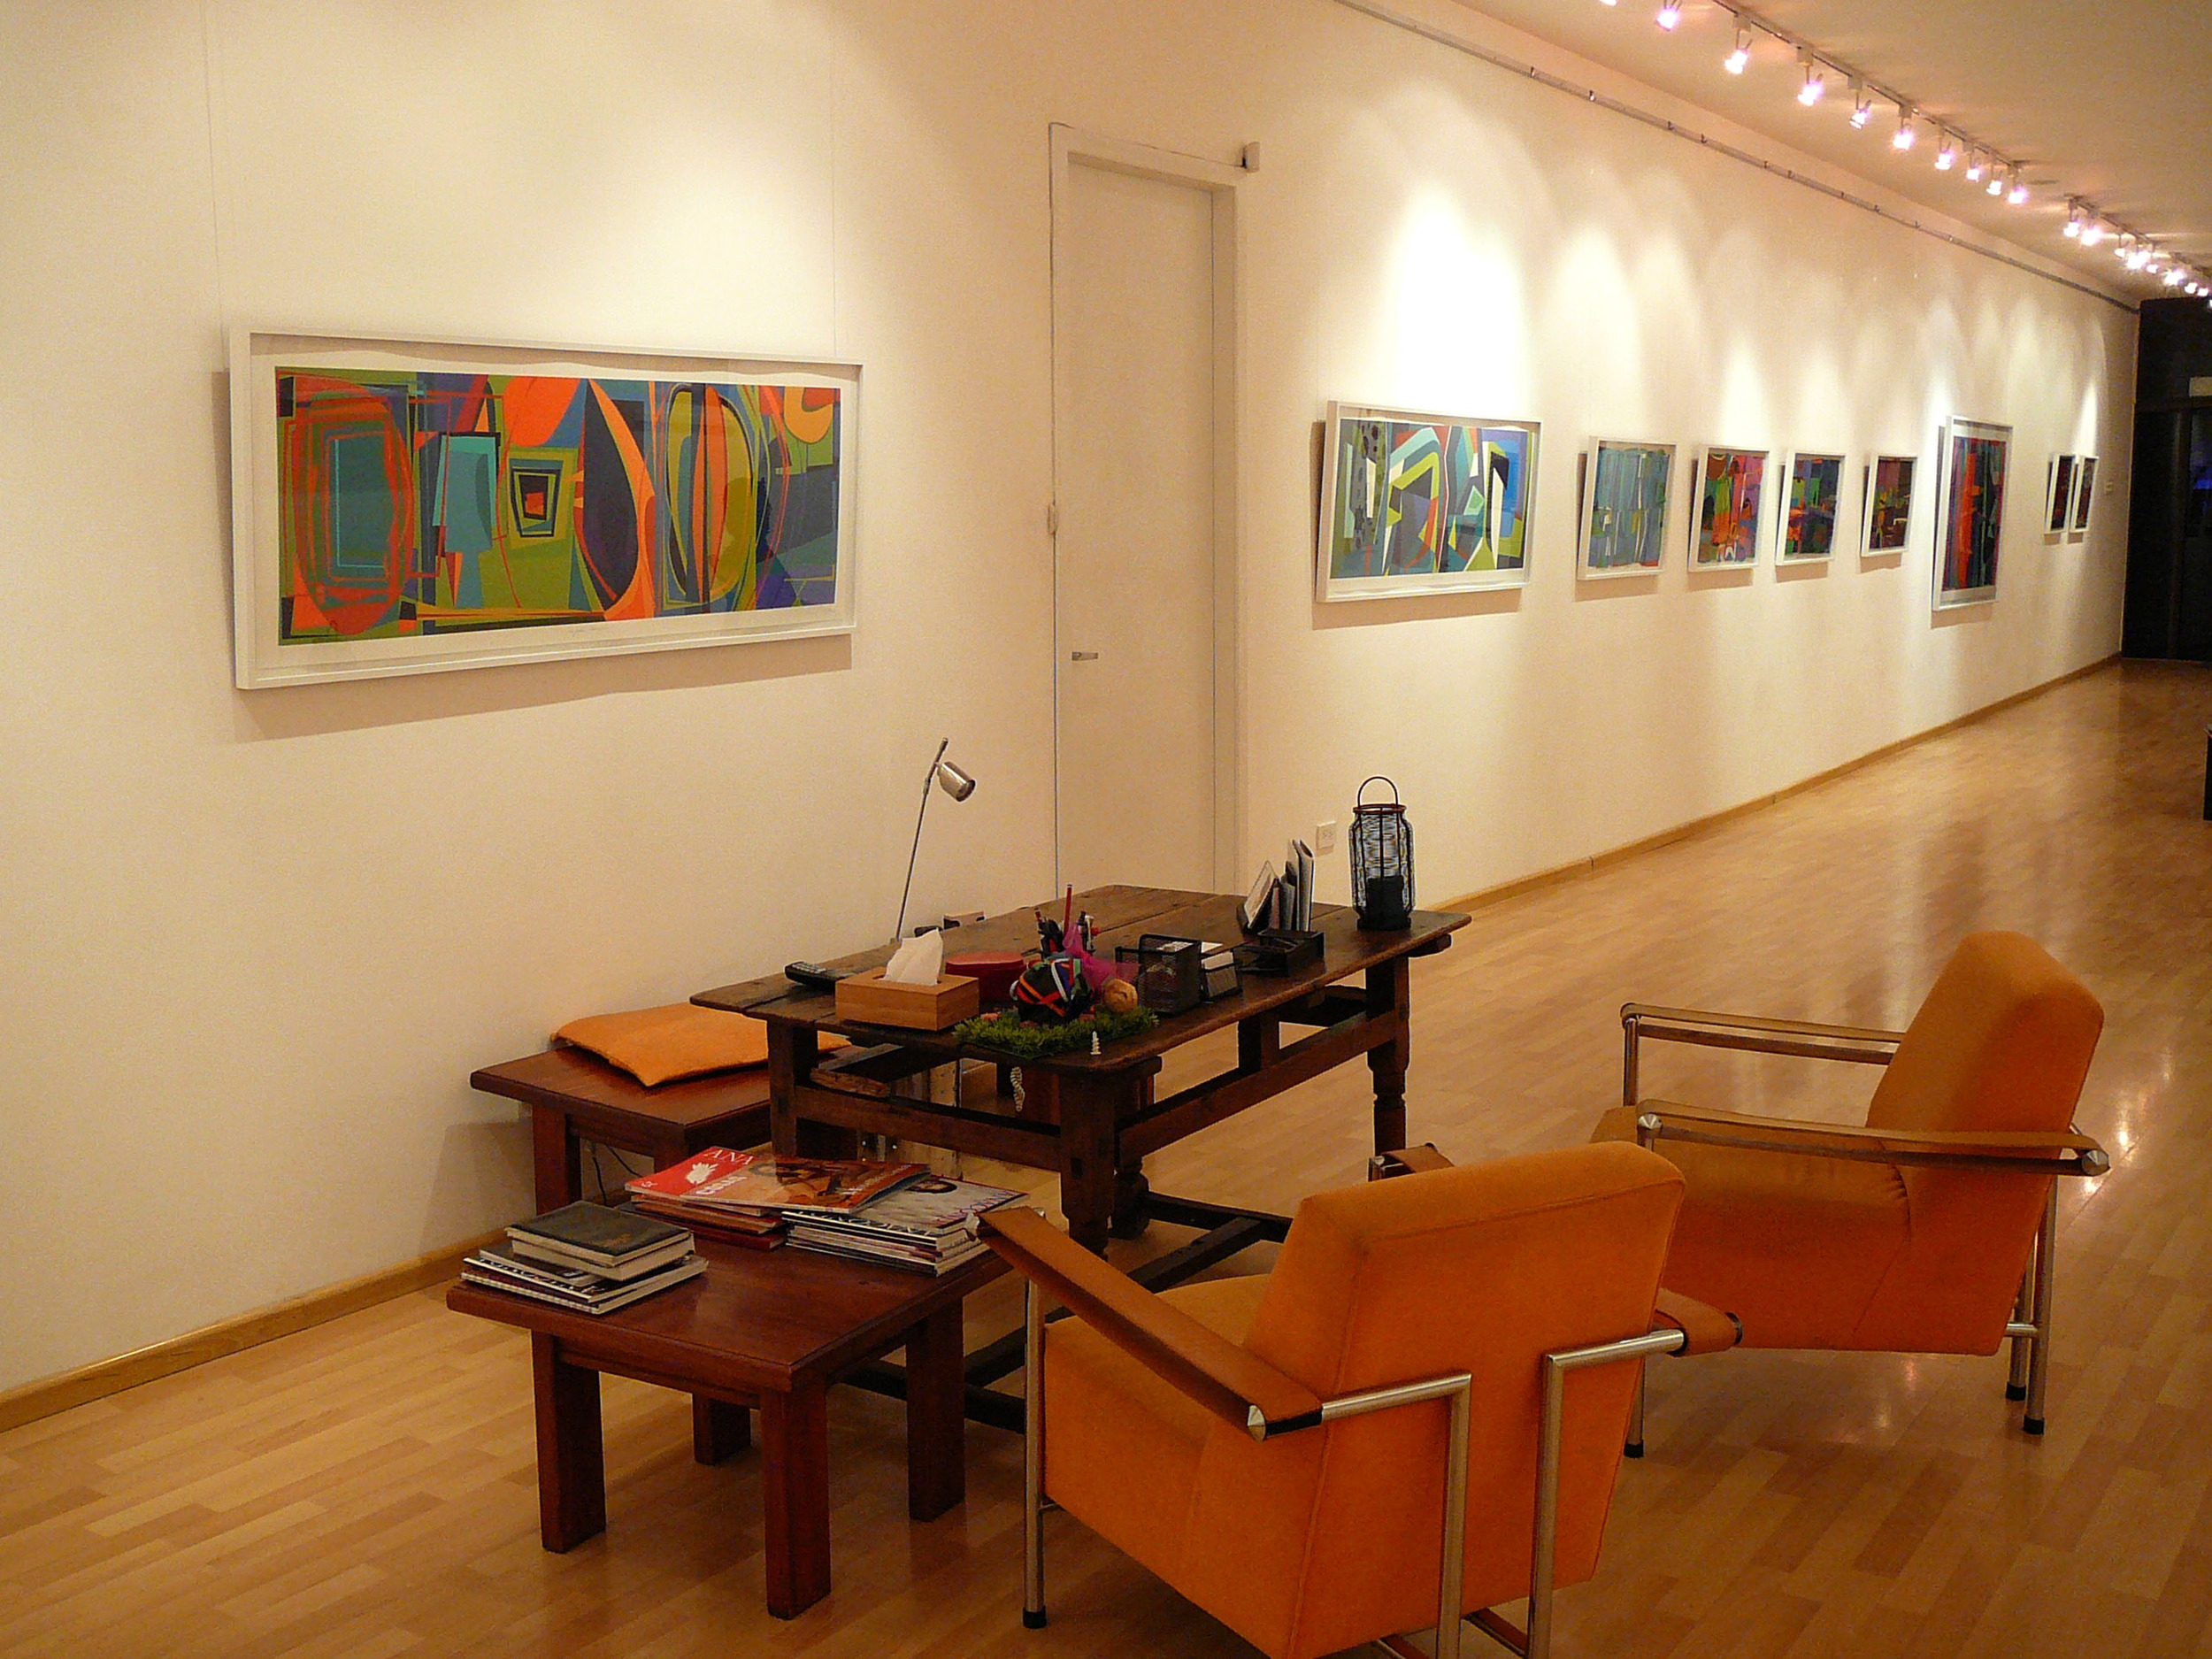 Expo de aniversario sept 20 2012 038.JPG